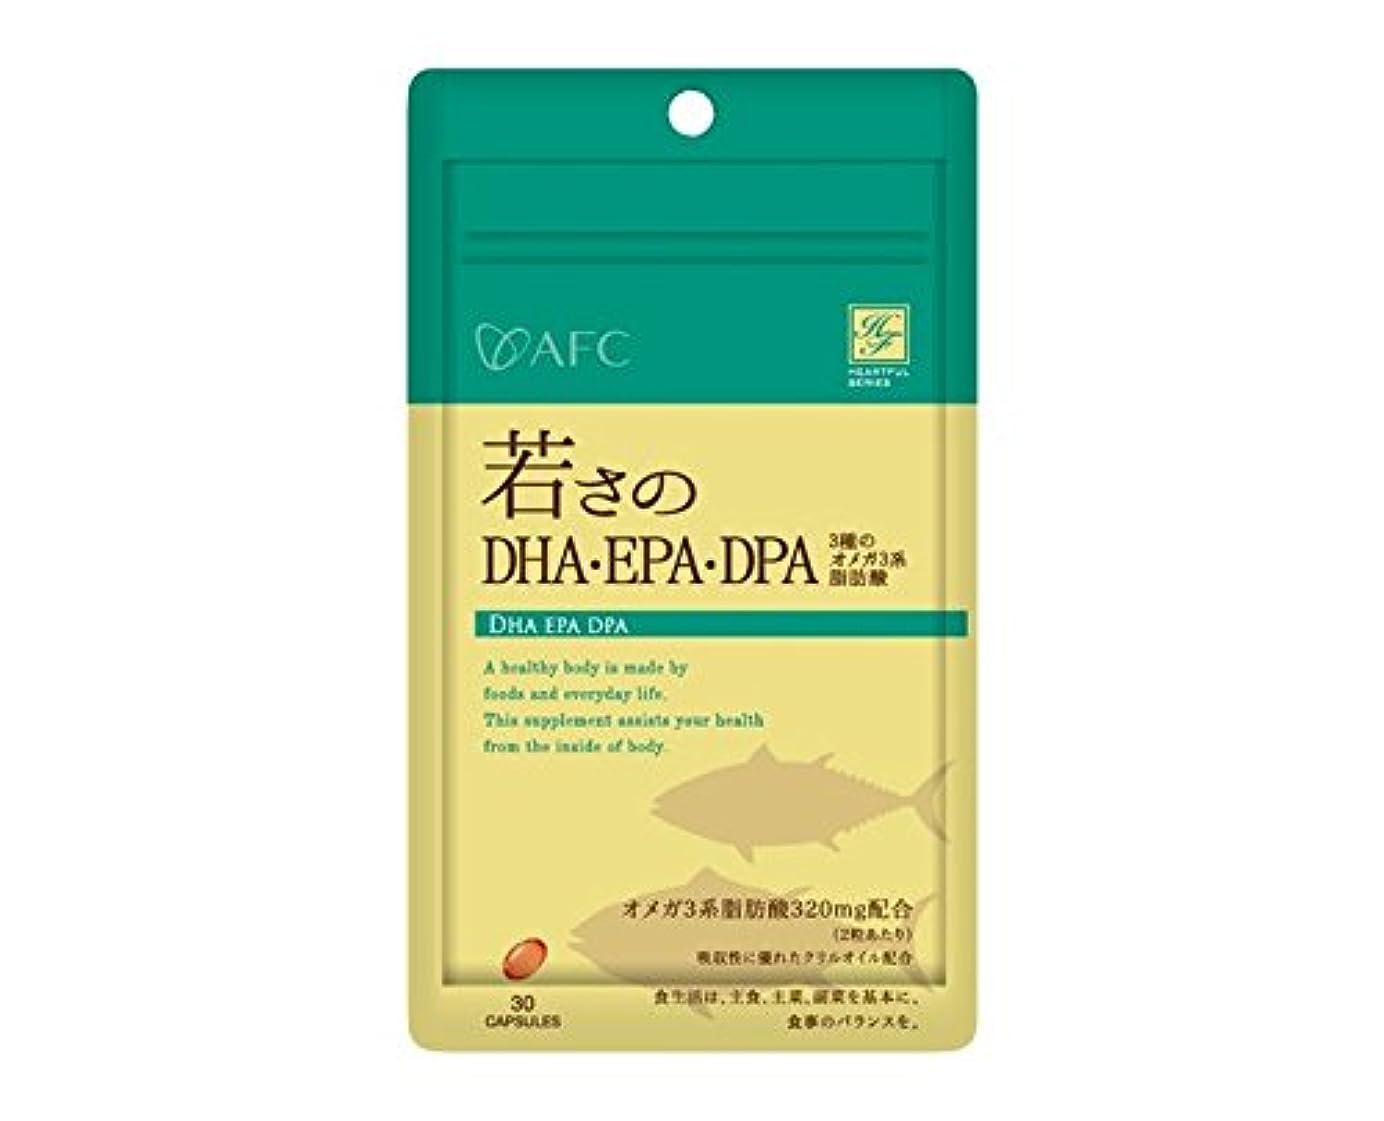 混乱レイ意志ハートフルシリーズ 若さの DAH?EPA?DPA3種のオメガ3系脂肪酸